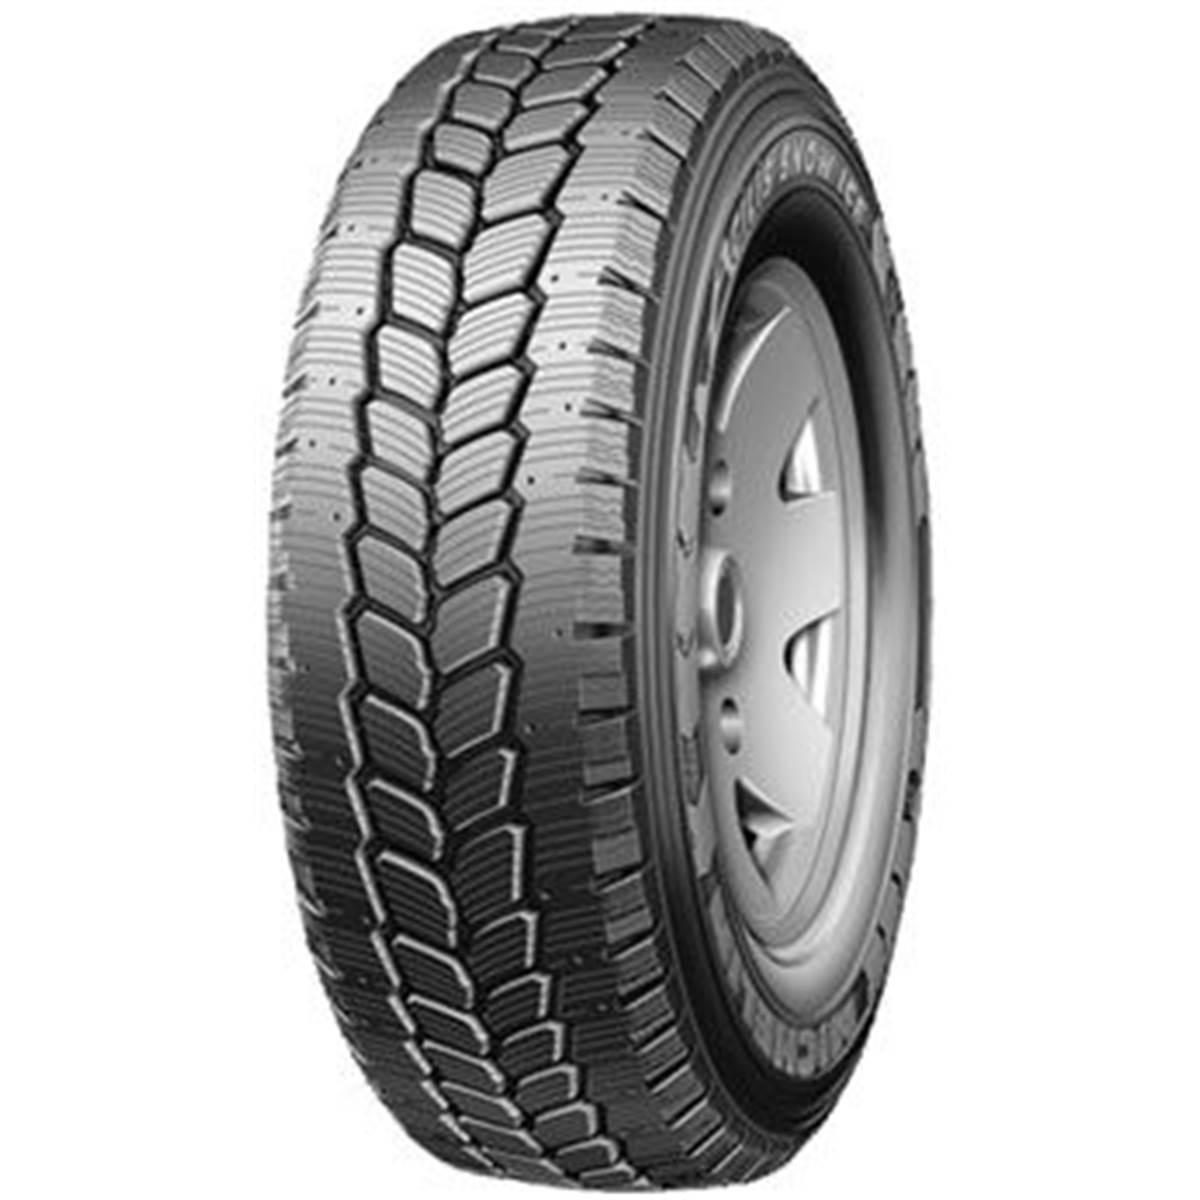 Pneu Camionnette Hiver Michelin 175/65R14 90T Agilis 51 Snow-Ice